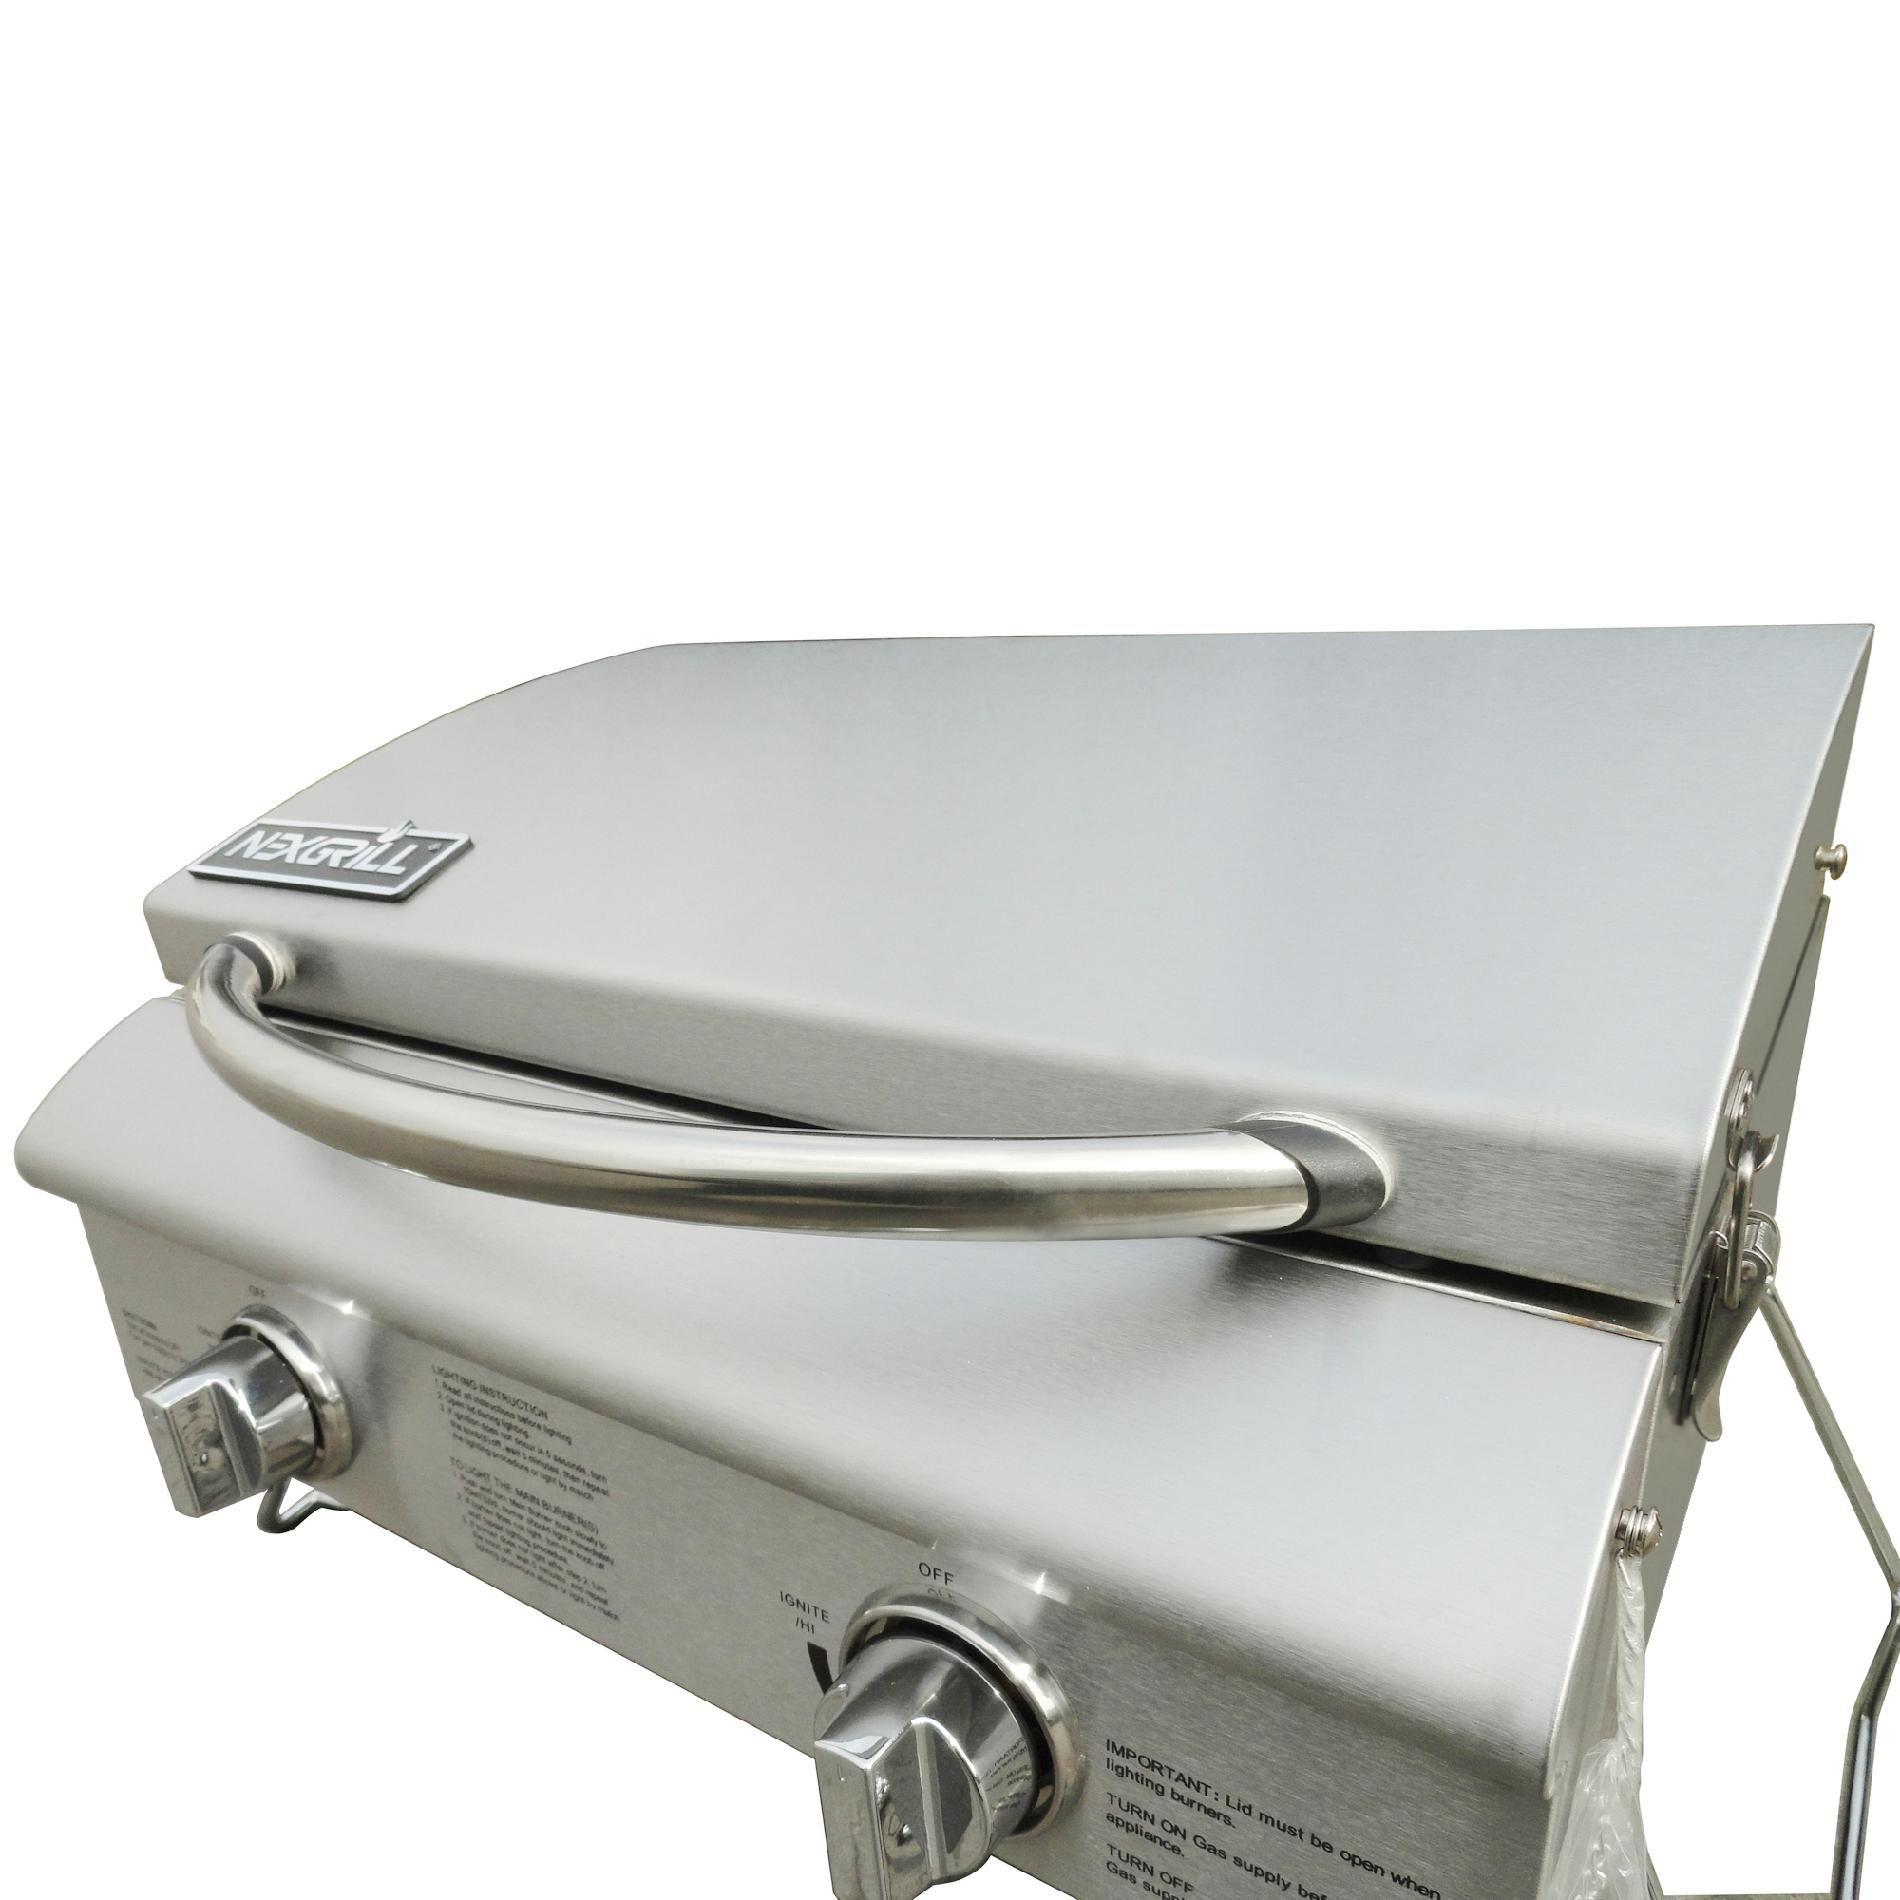 Nexgrill 2-Burner Tabletop Grill